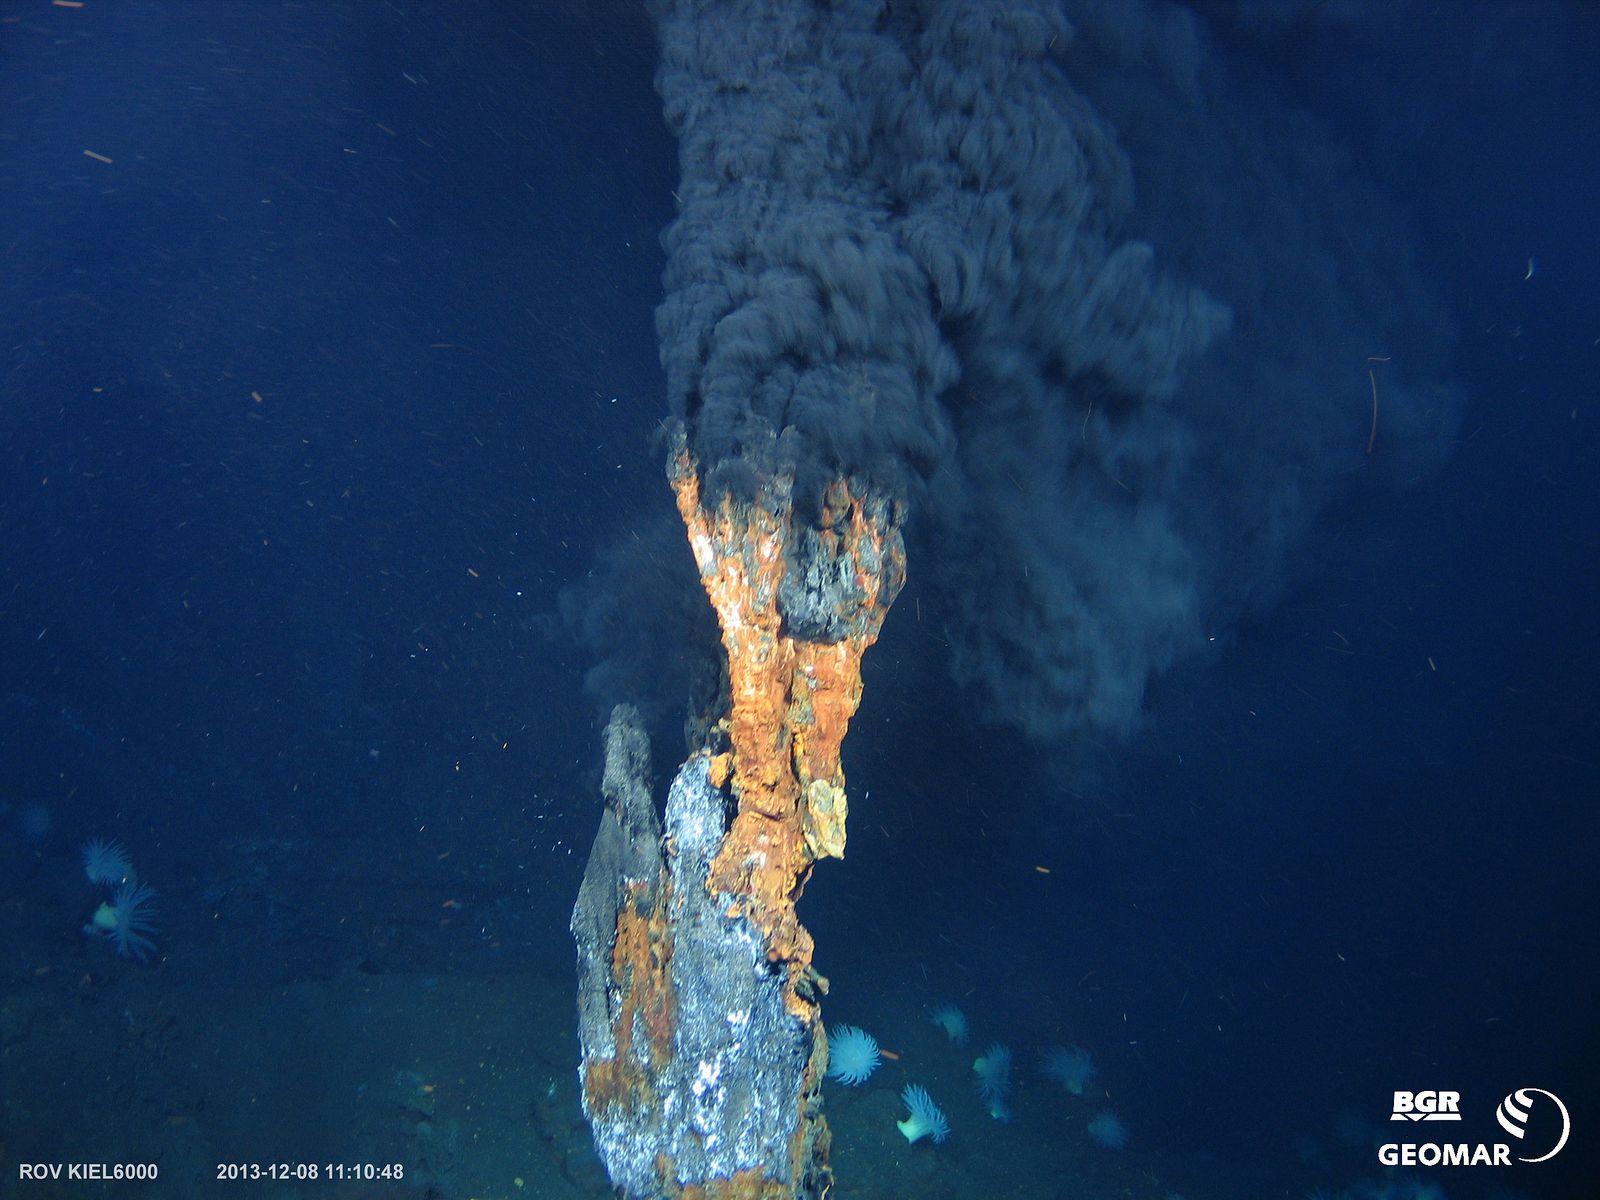 EINMALIGE VERWENDUNG ACHTUNG SPERRFRIST 03.08.14 um 08:00 UHR/ Rohstofferkundung im Indischen Ozean